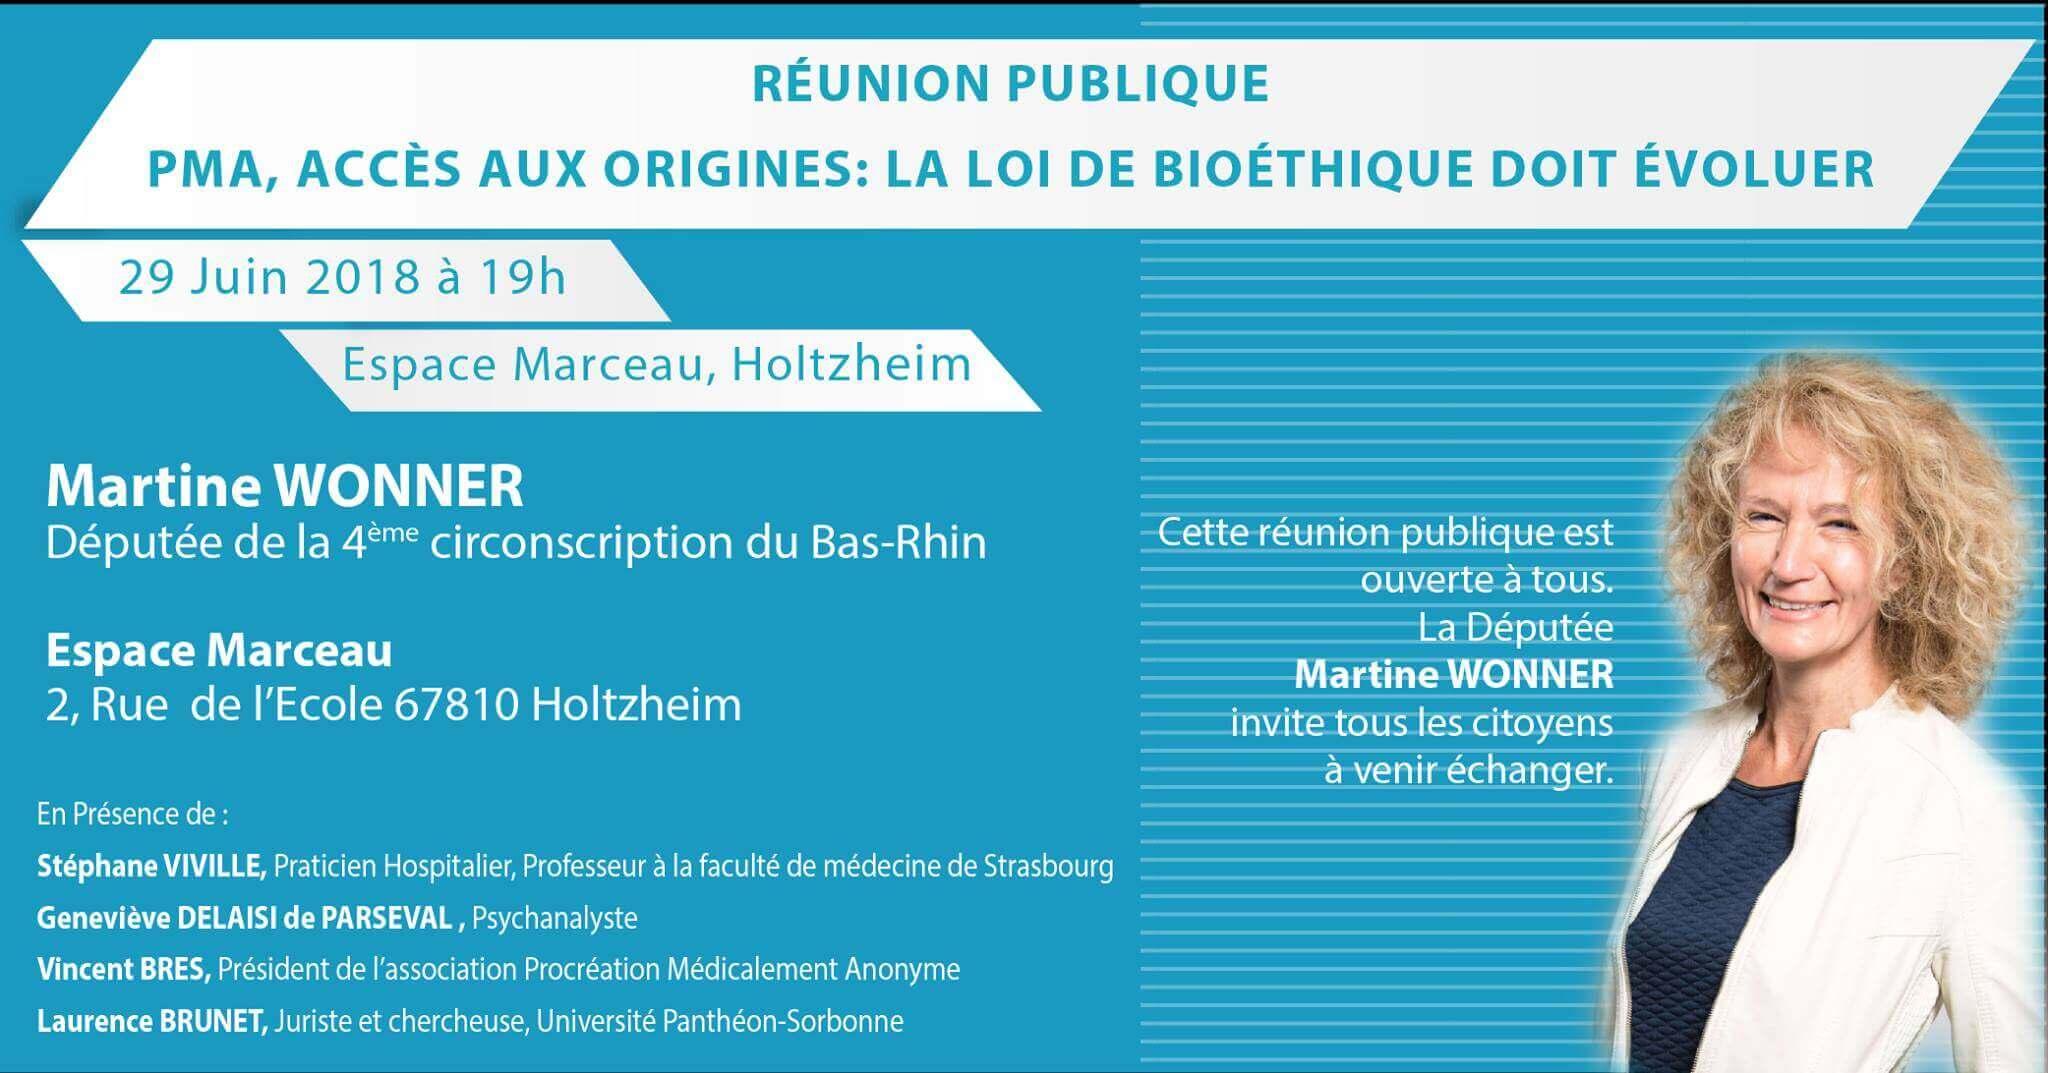 Martine WONNER - Réunion publique du 29 juin 2018